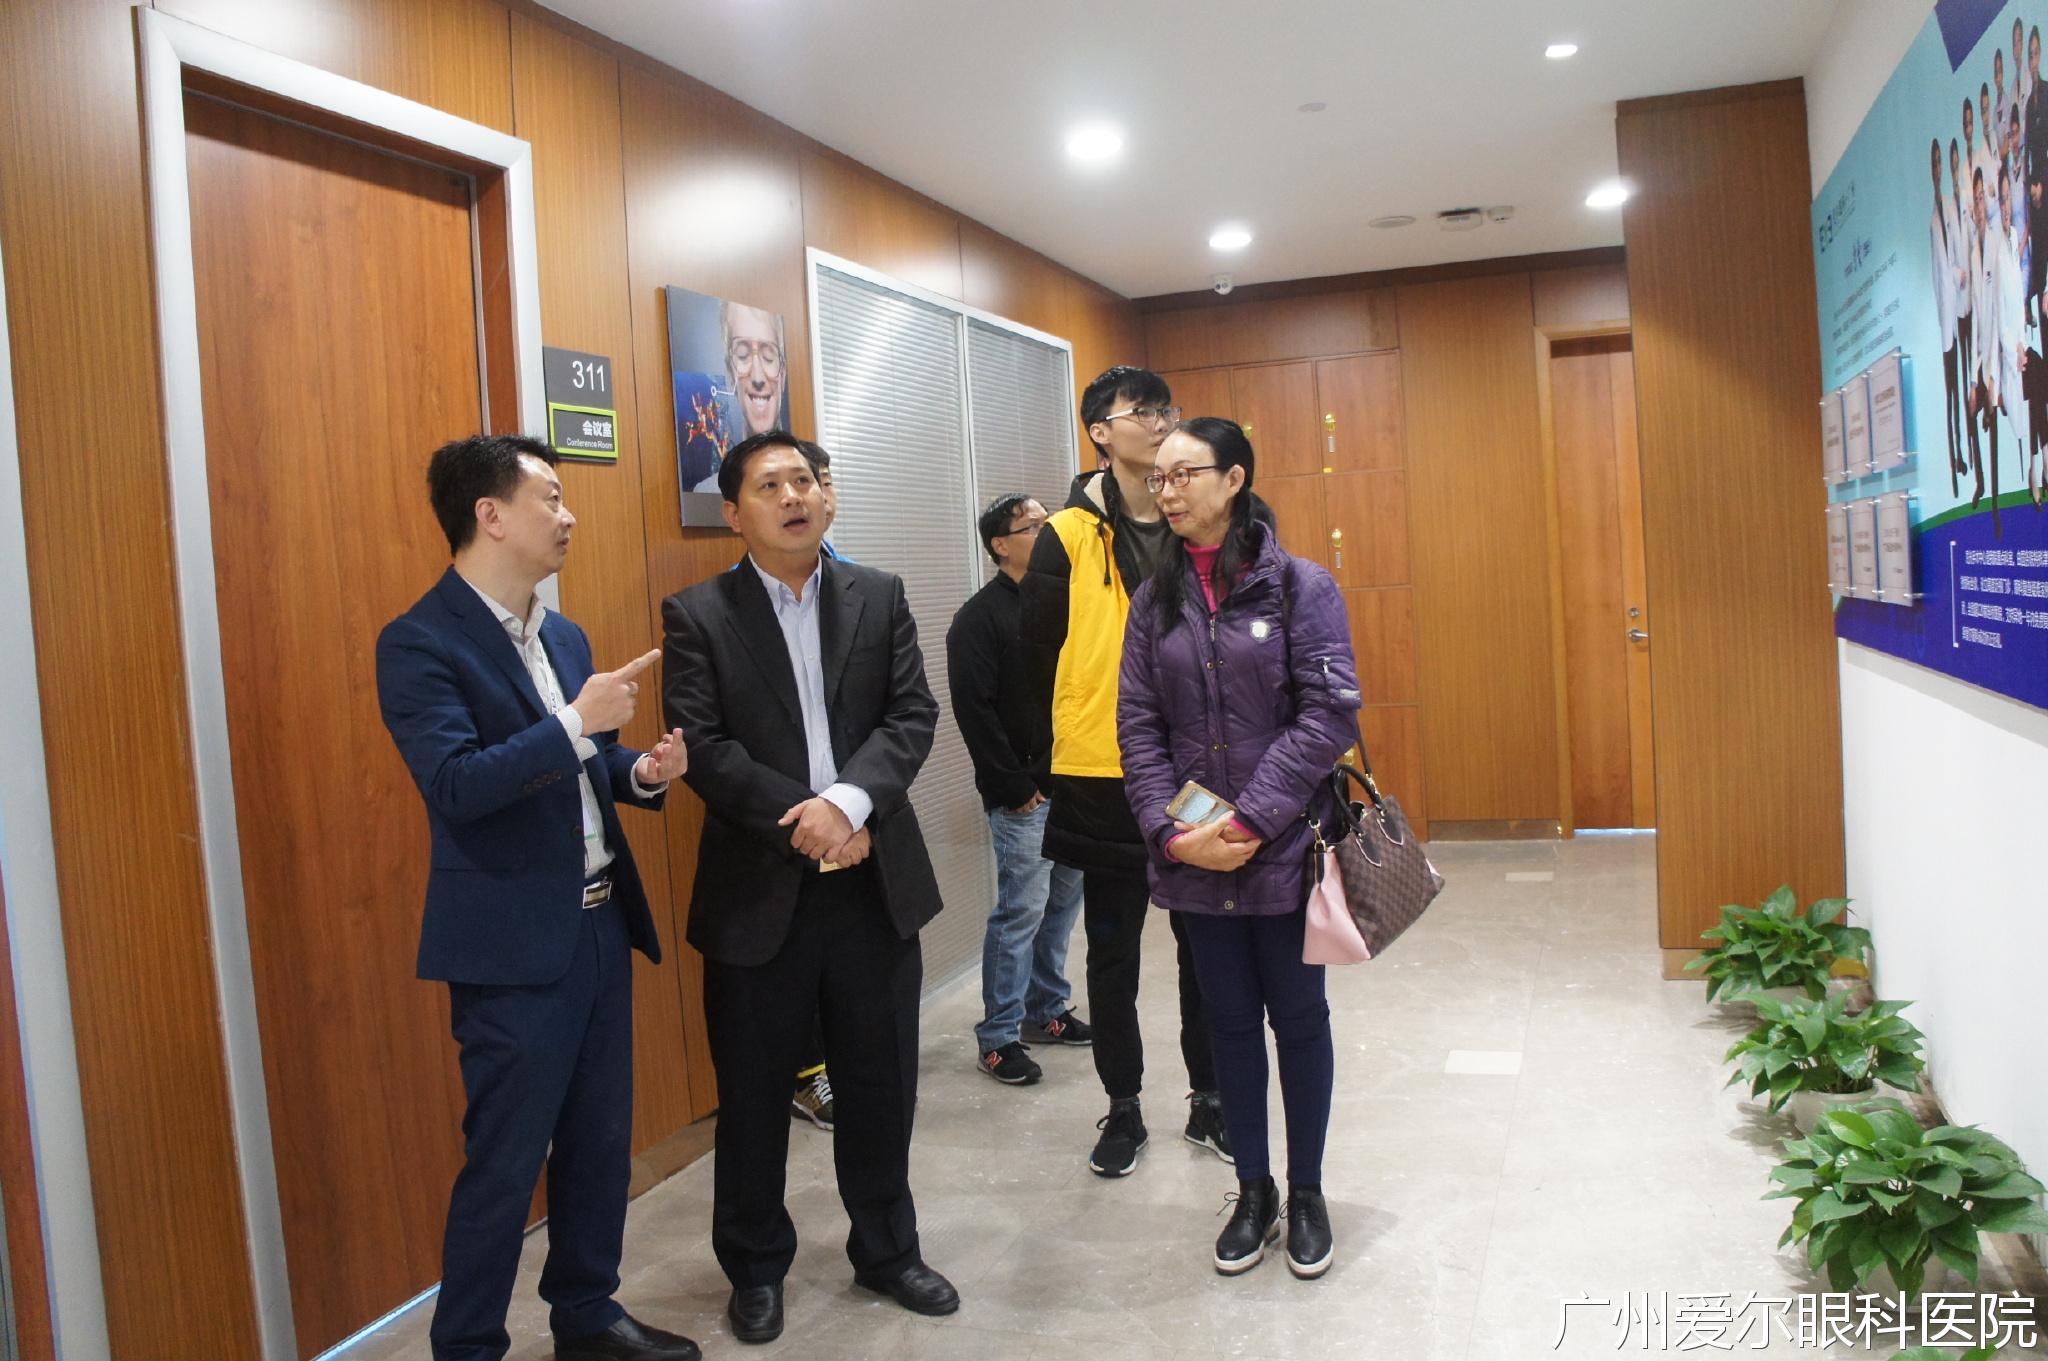 杨绍茂先生与区泳璋女士莅临广州爱尔眼科医院进行参观